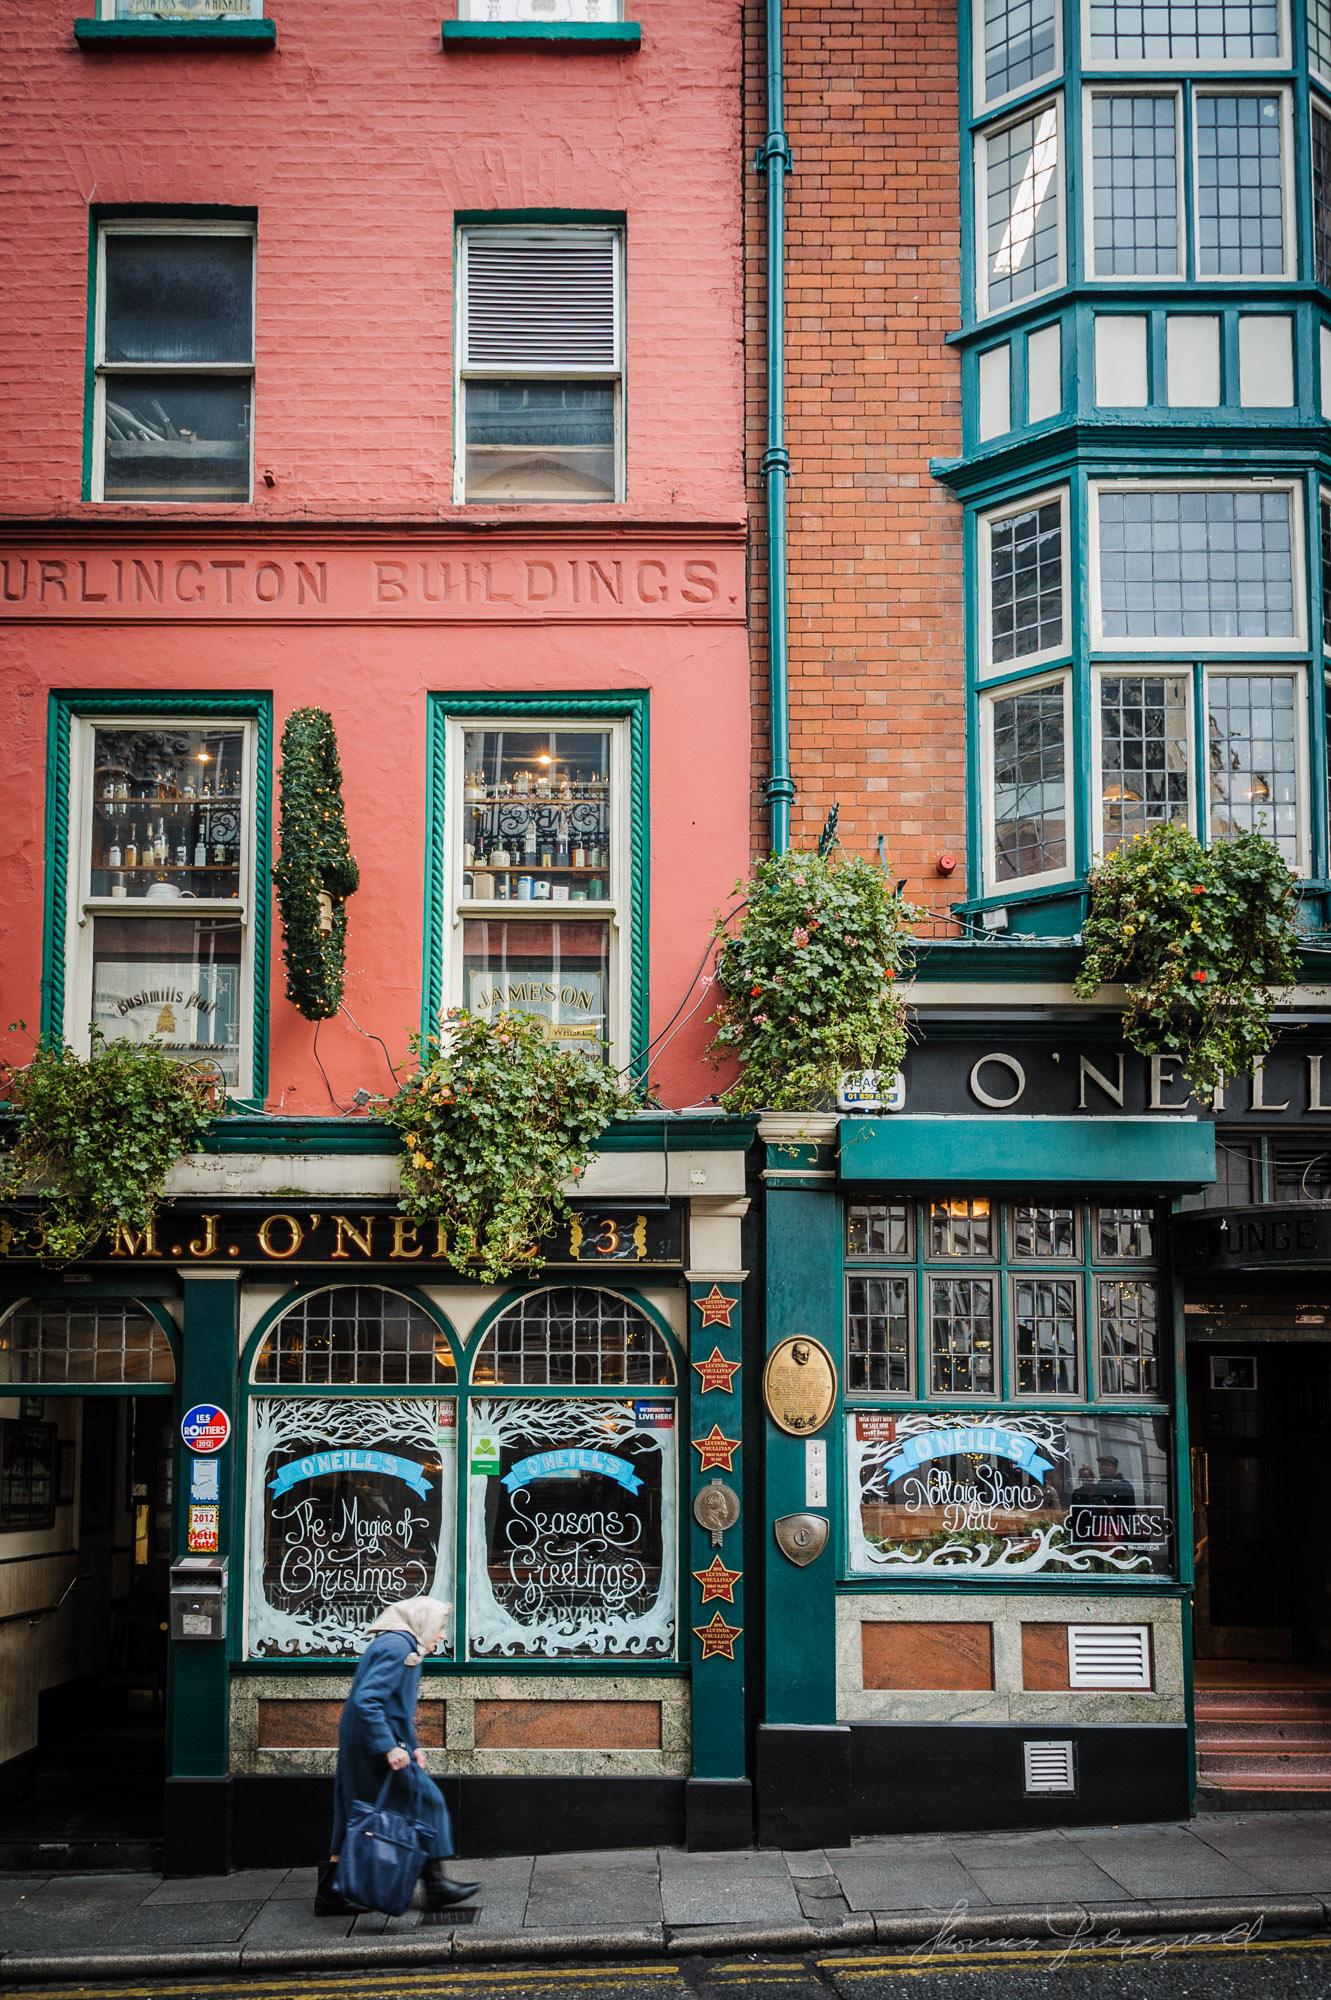 Old Lady walking by O'Neill's Pub in Dublin